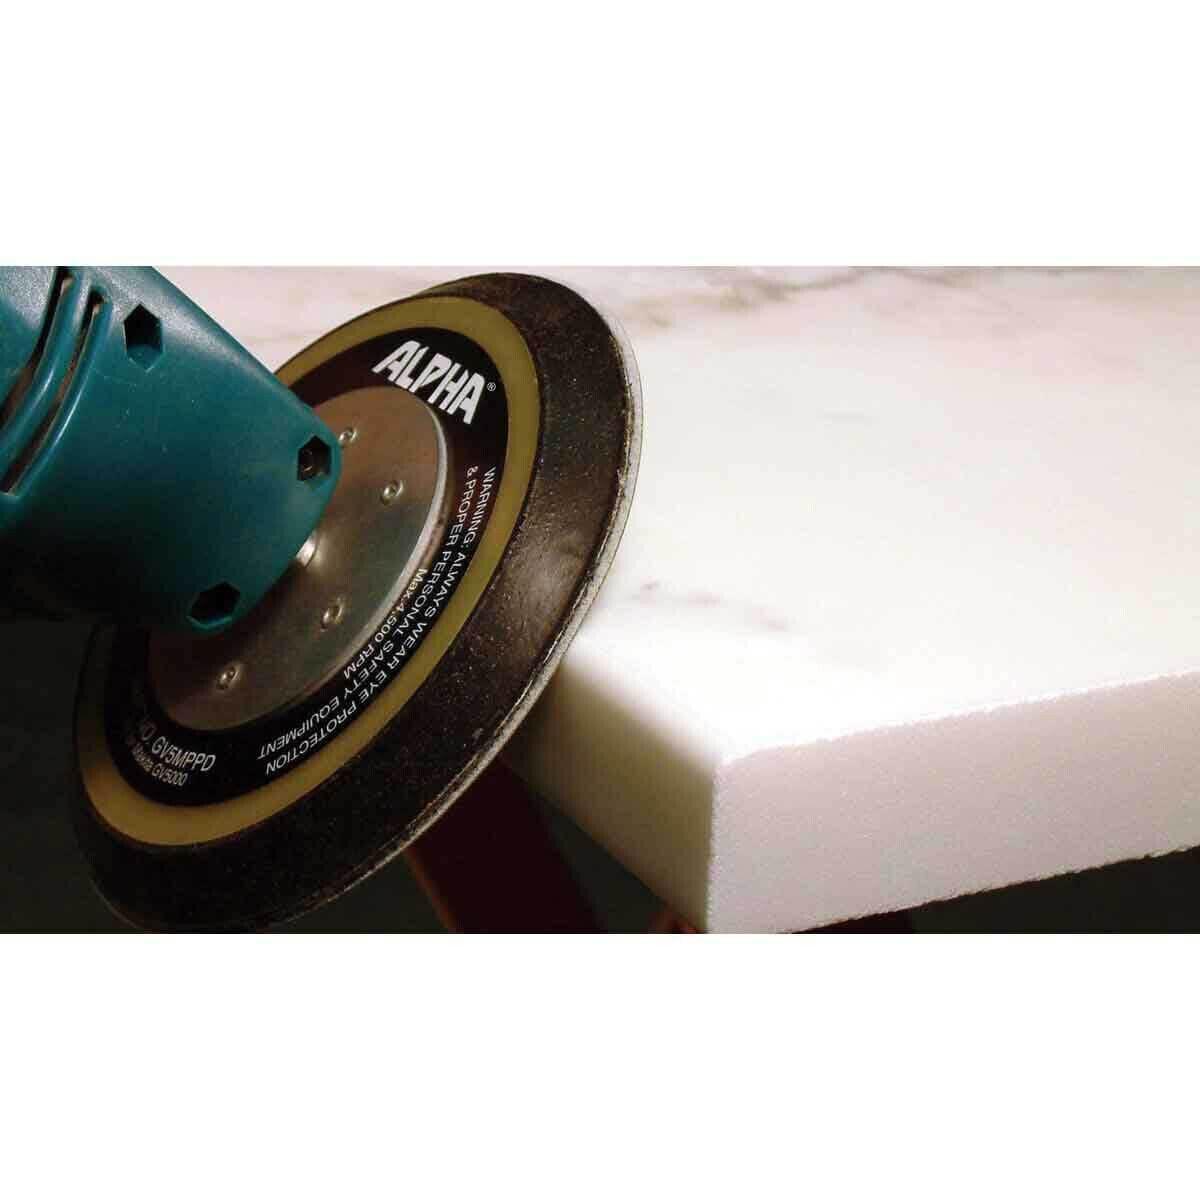 Alpha Sandpaper for Polishing Stone Edges